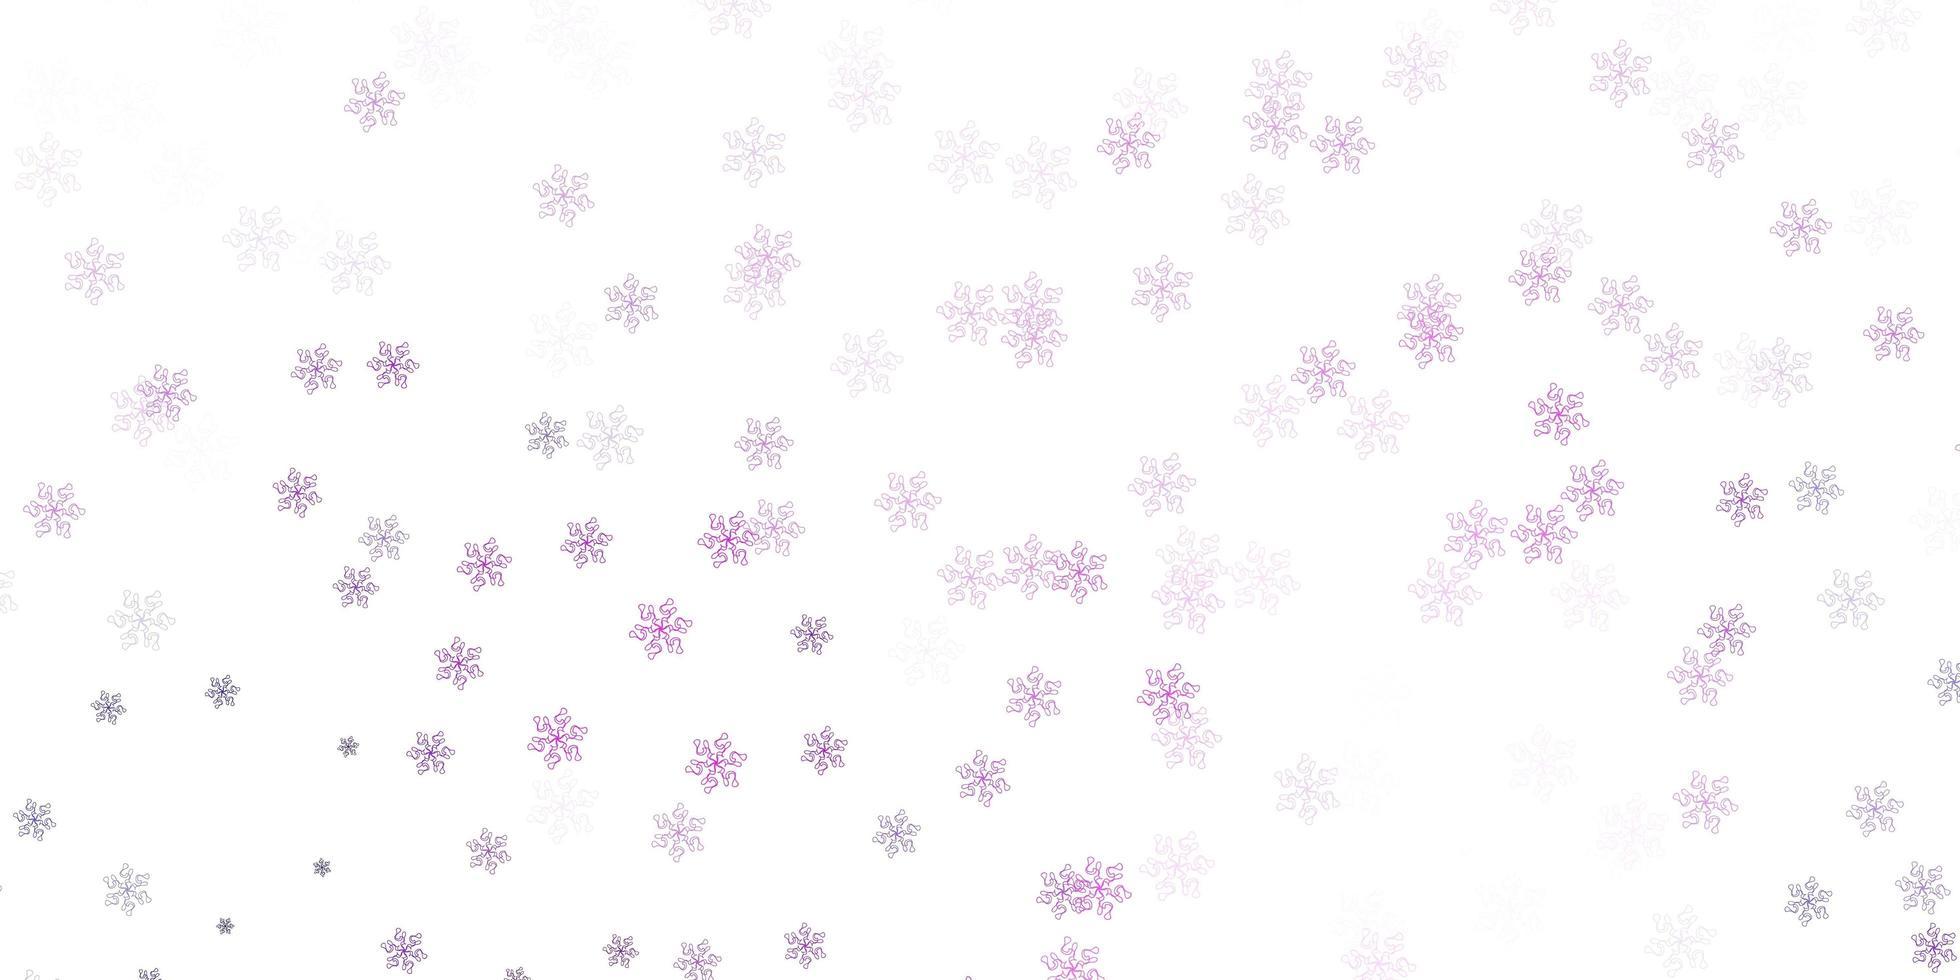 lichtpaarse, roze natuurlijke lay-out met bloemen. vector